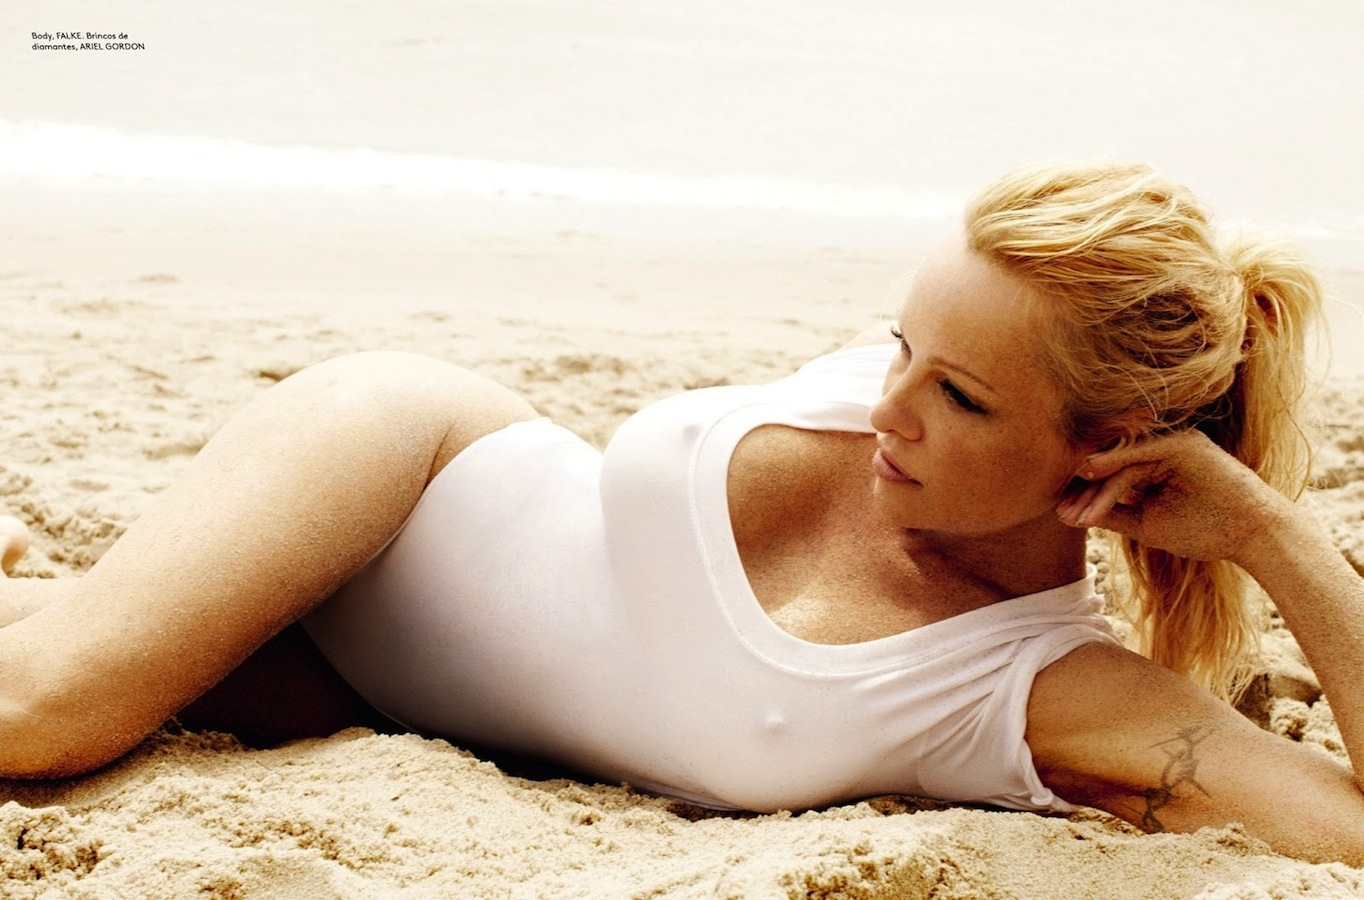 Pamela anderson nude pic Nude Photos 73